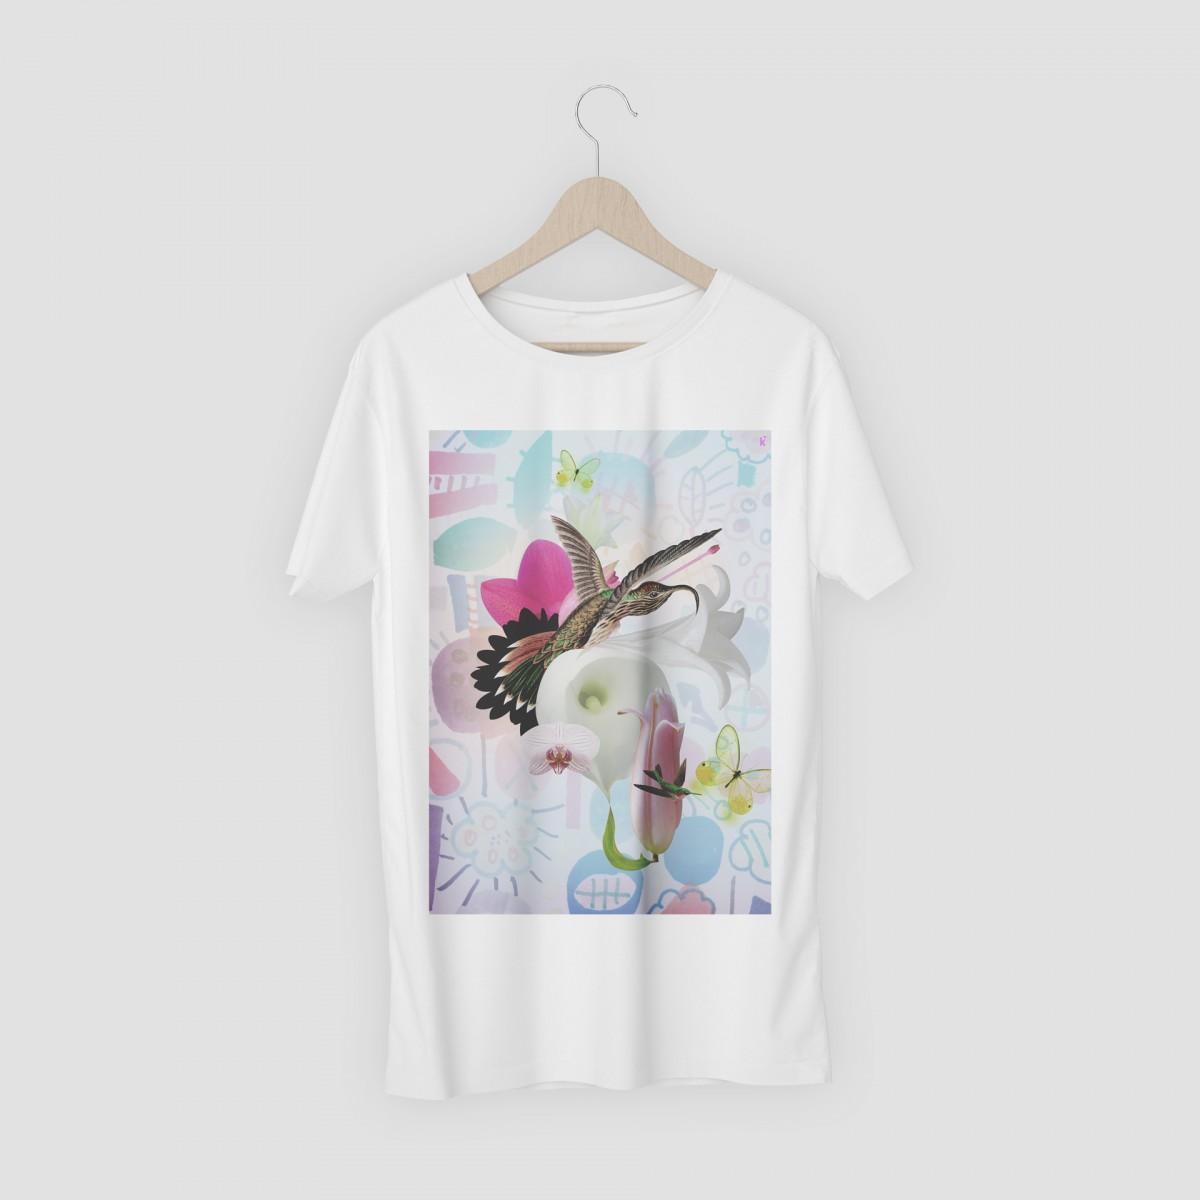 künstlerherz' bildmaschine/Flowers